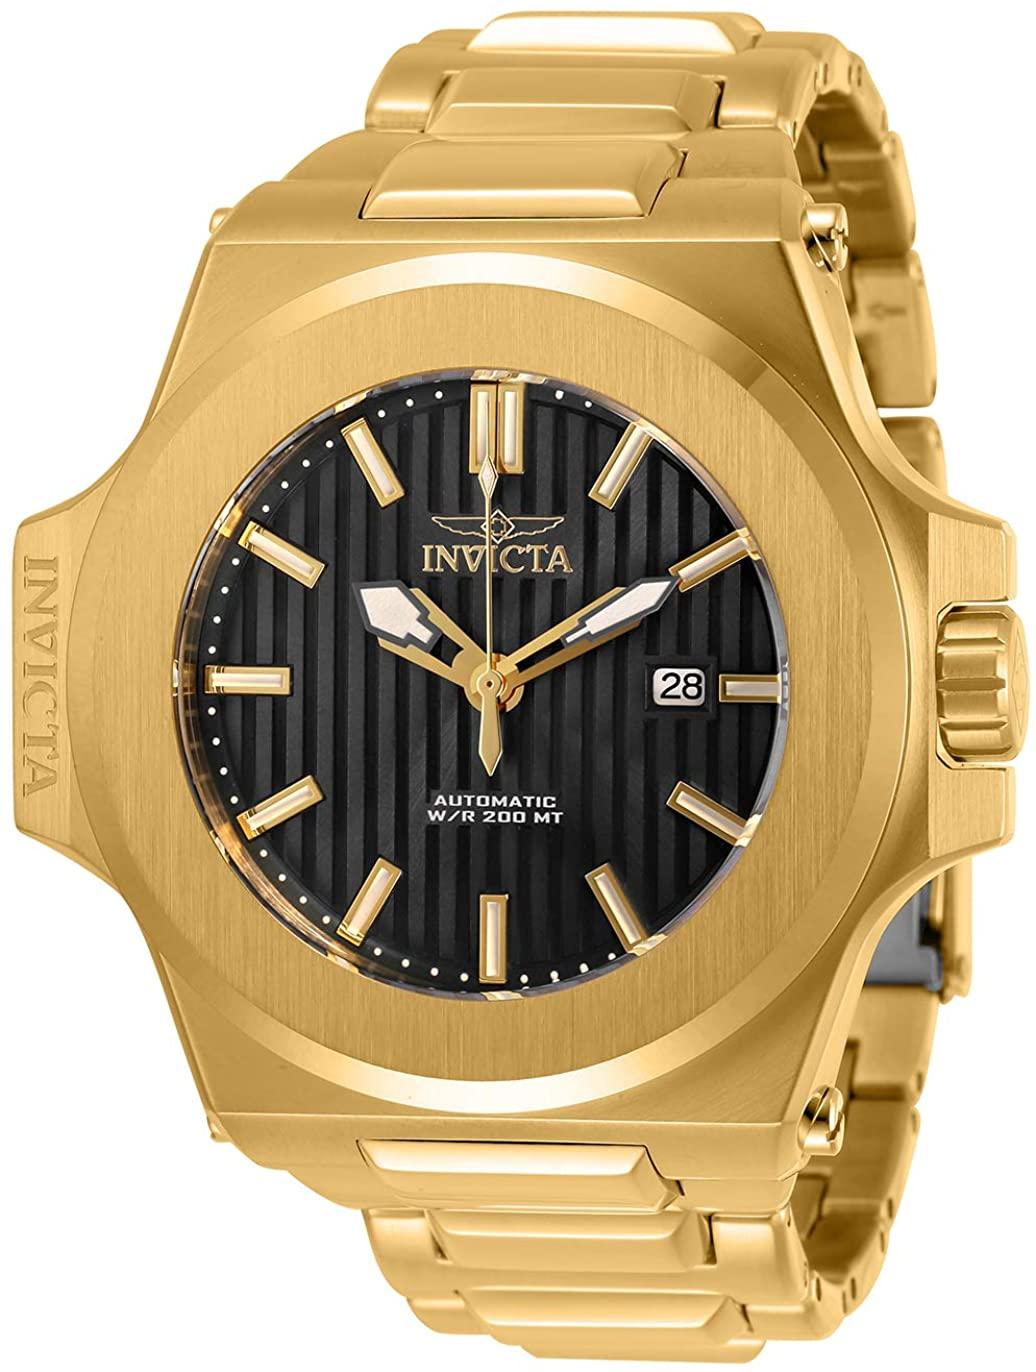 インヴィクタ インヴィクタ Automatic Watch メンズ 30222)腕時計 【送料無料】Invicta (Model: 腕時計 インビクタ インビクタ メンズ